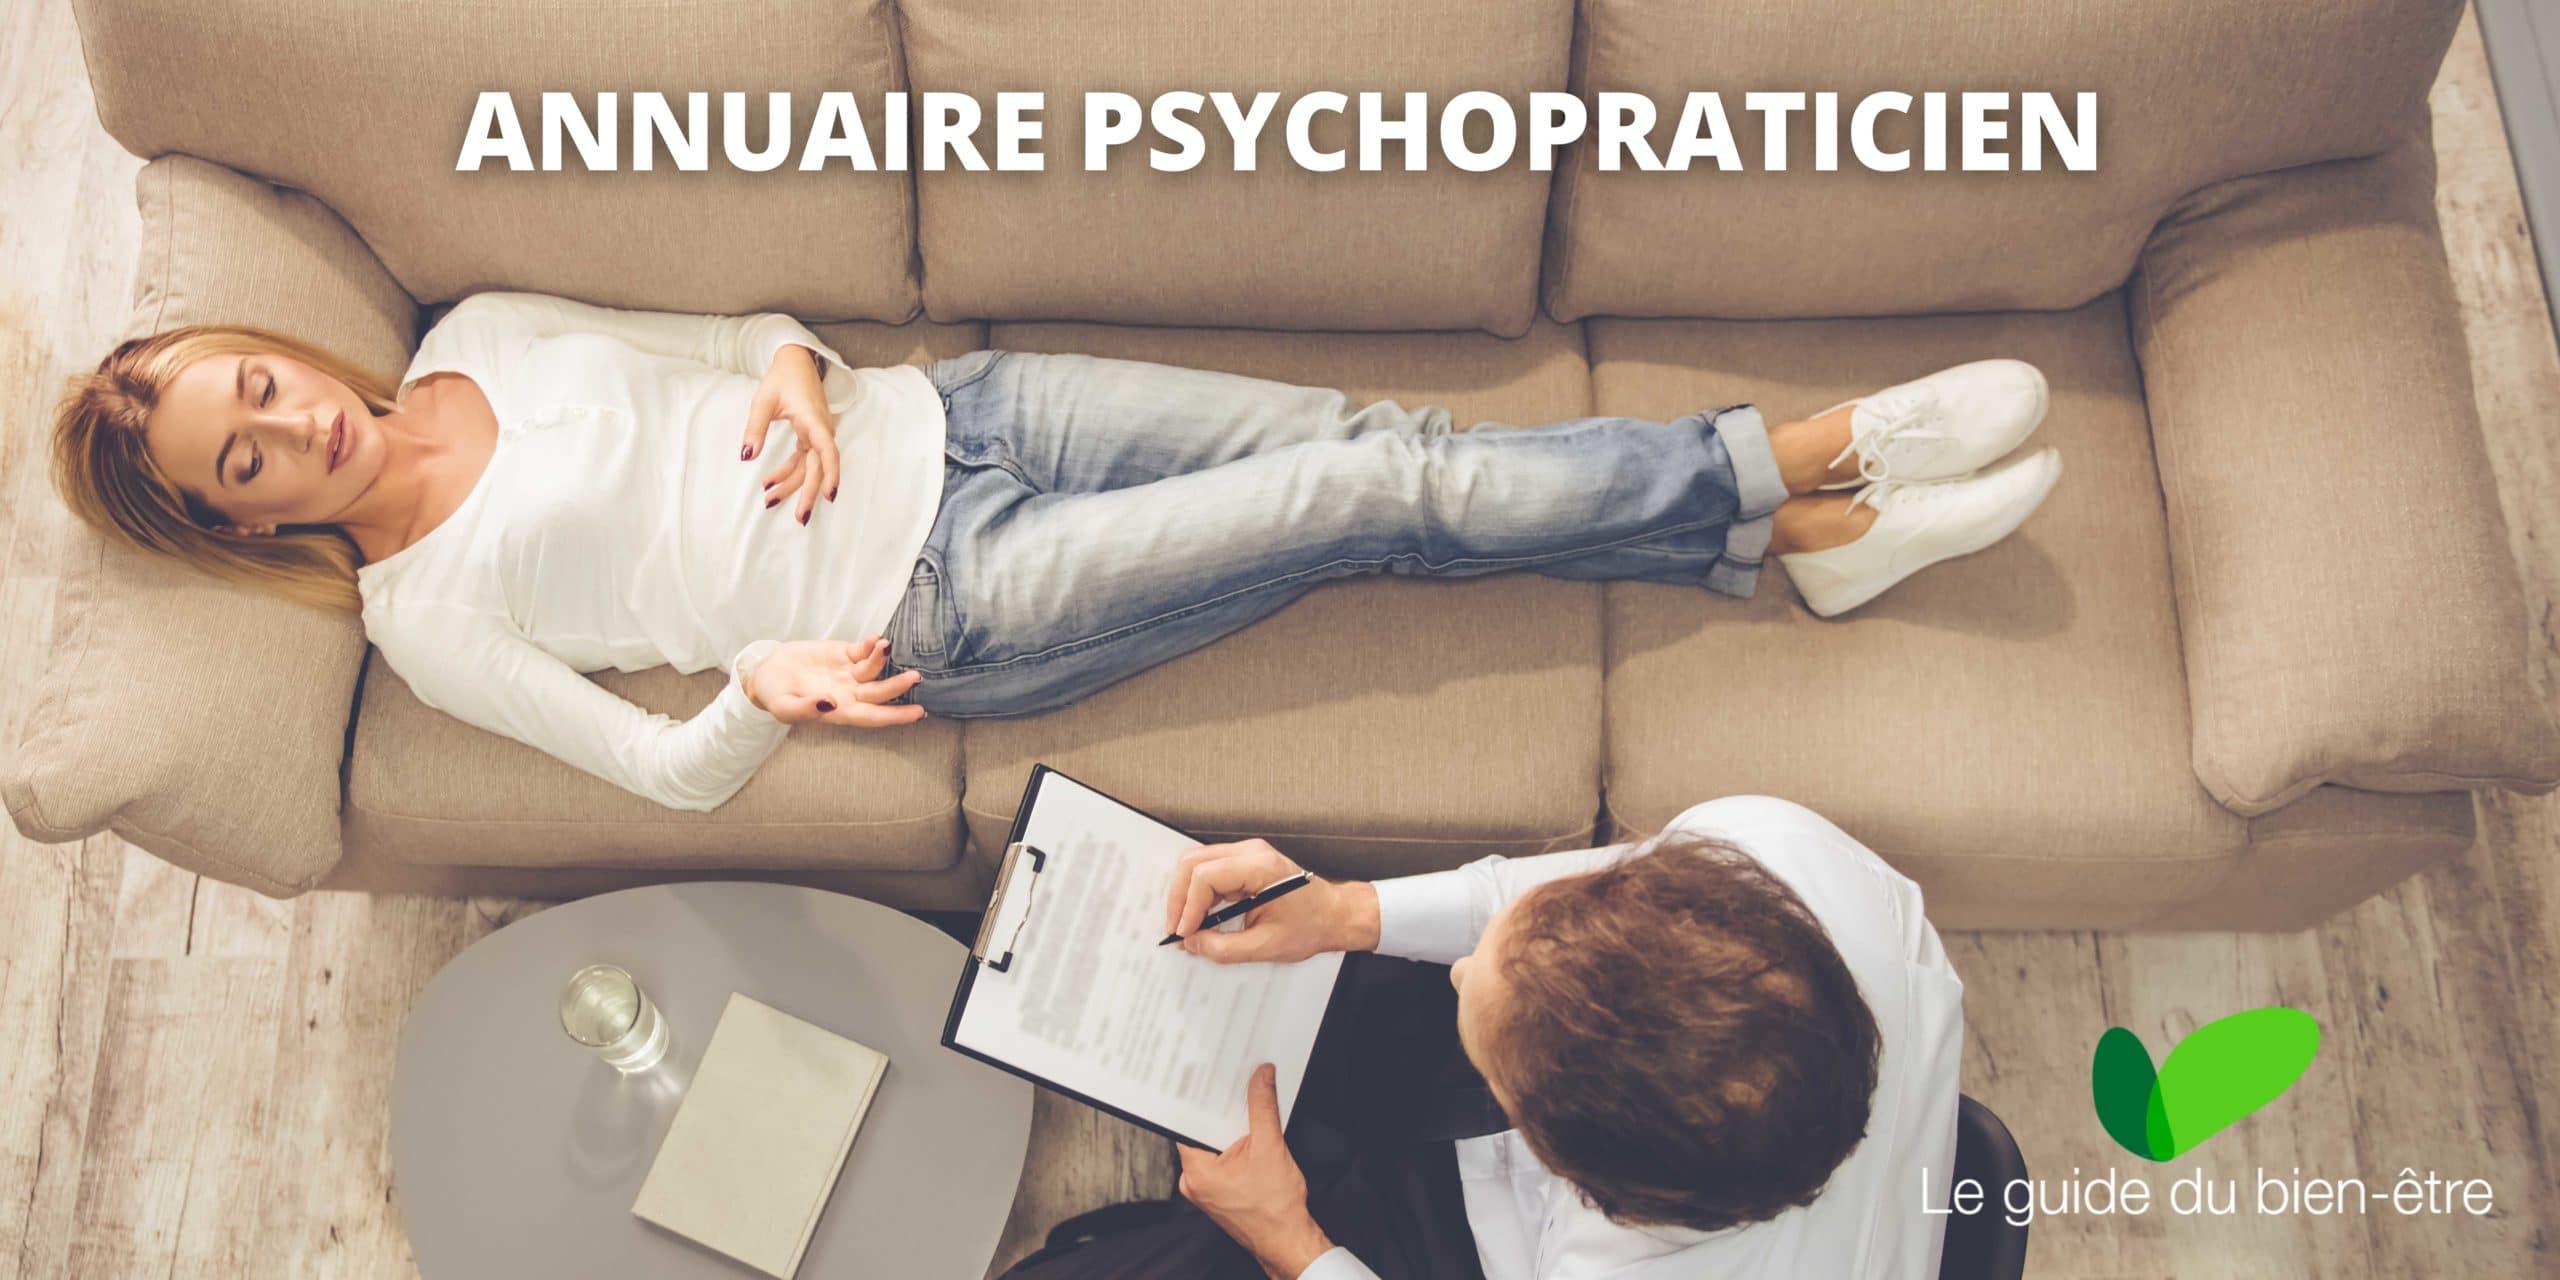 Annuaire psychopraticiens, où trouver des praticiens et pourquoi être référencé sur un annuaire